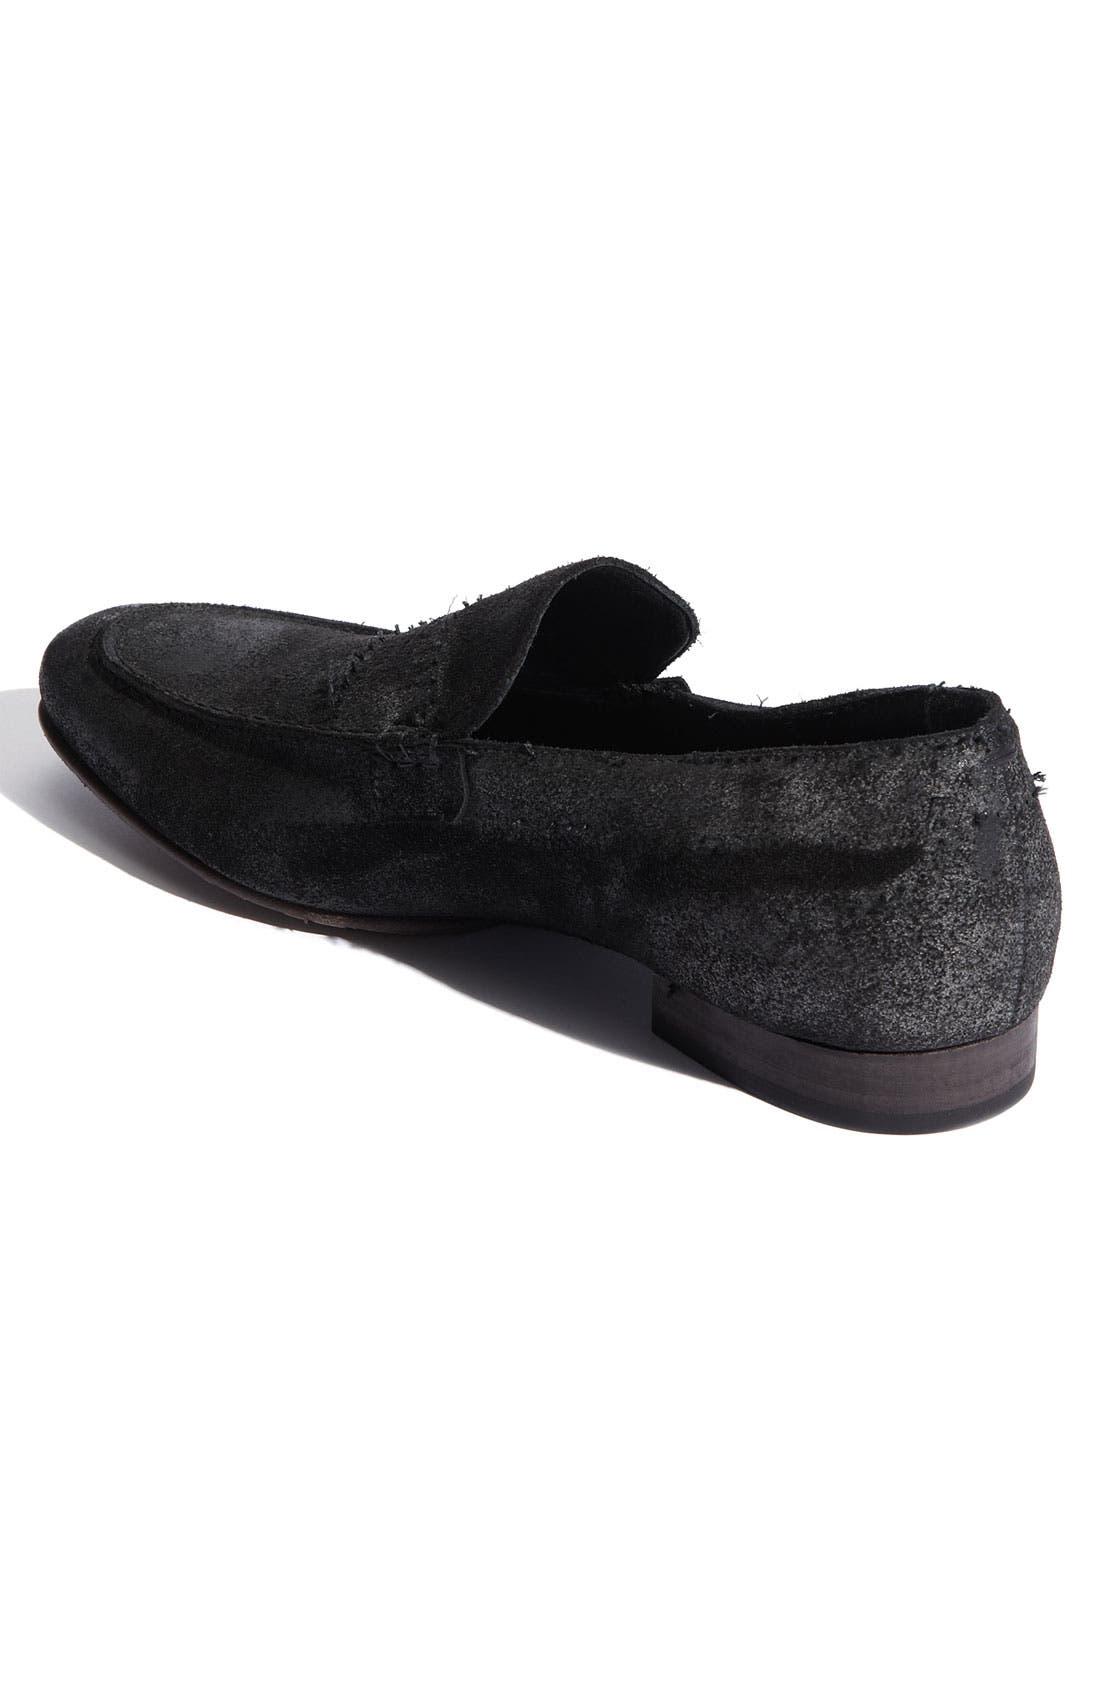 Alternate Image 2  - Donald J Pliner 'Virge' Leather Loafer